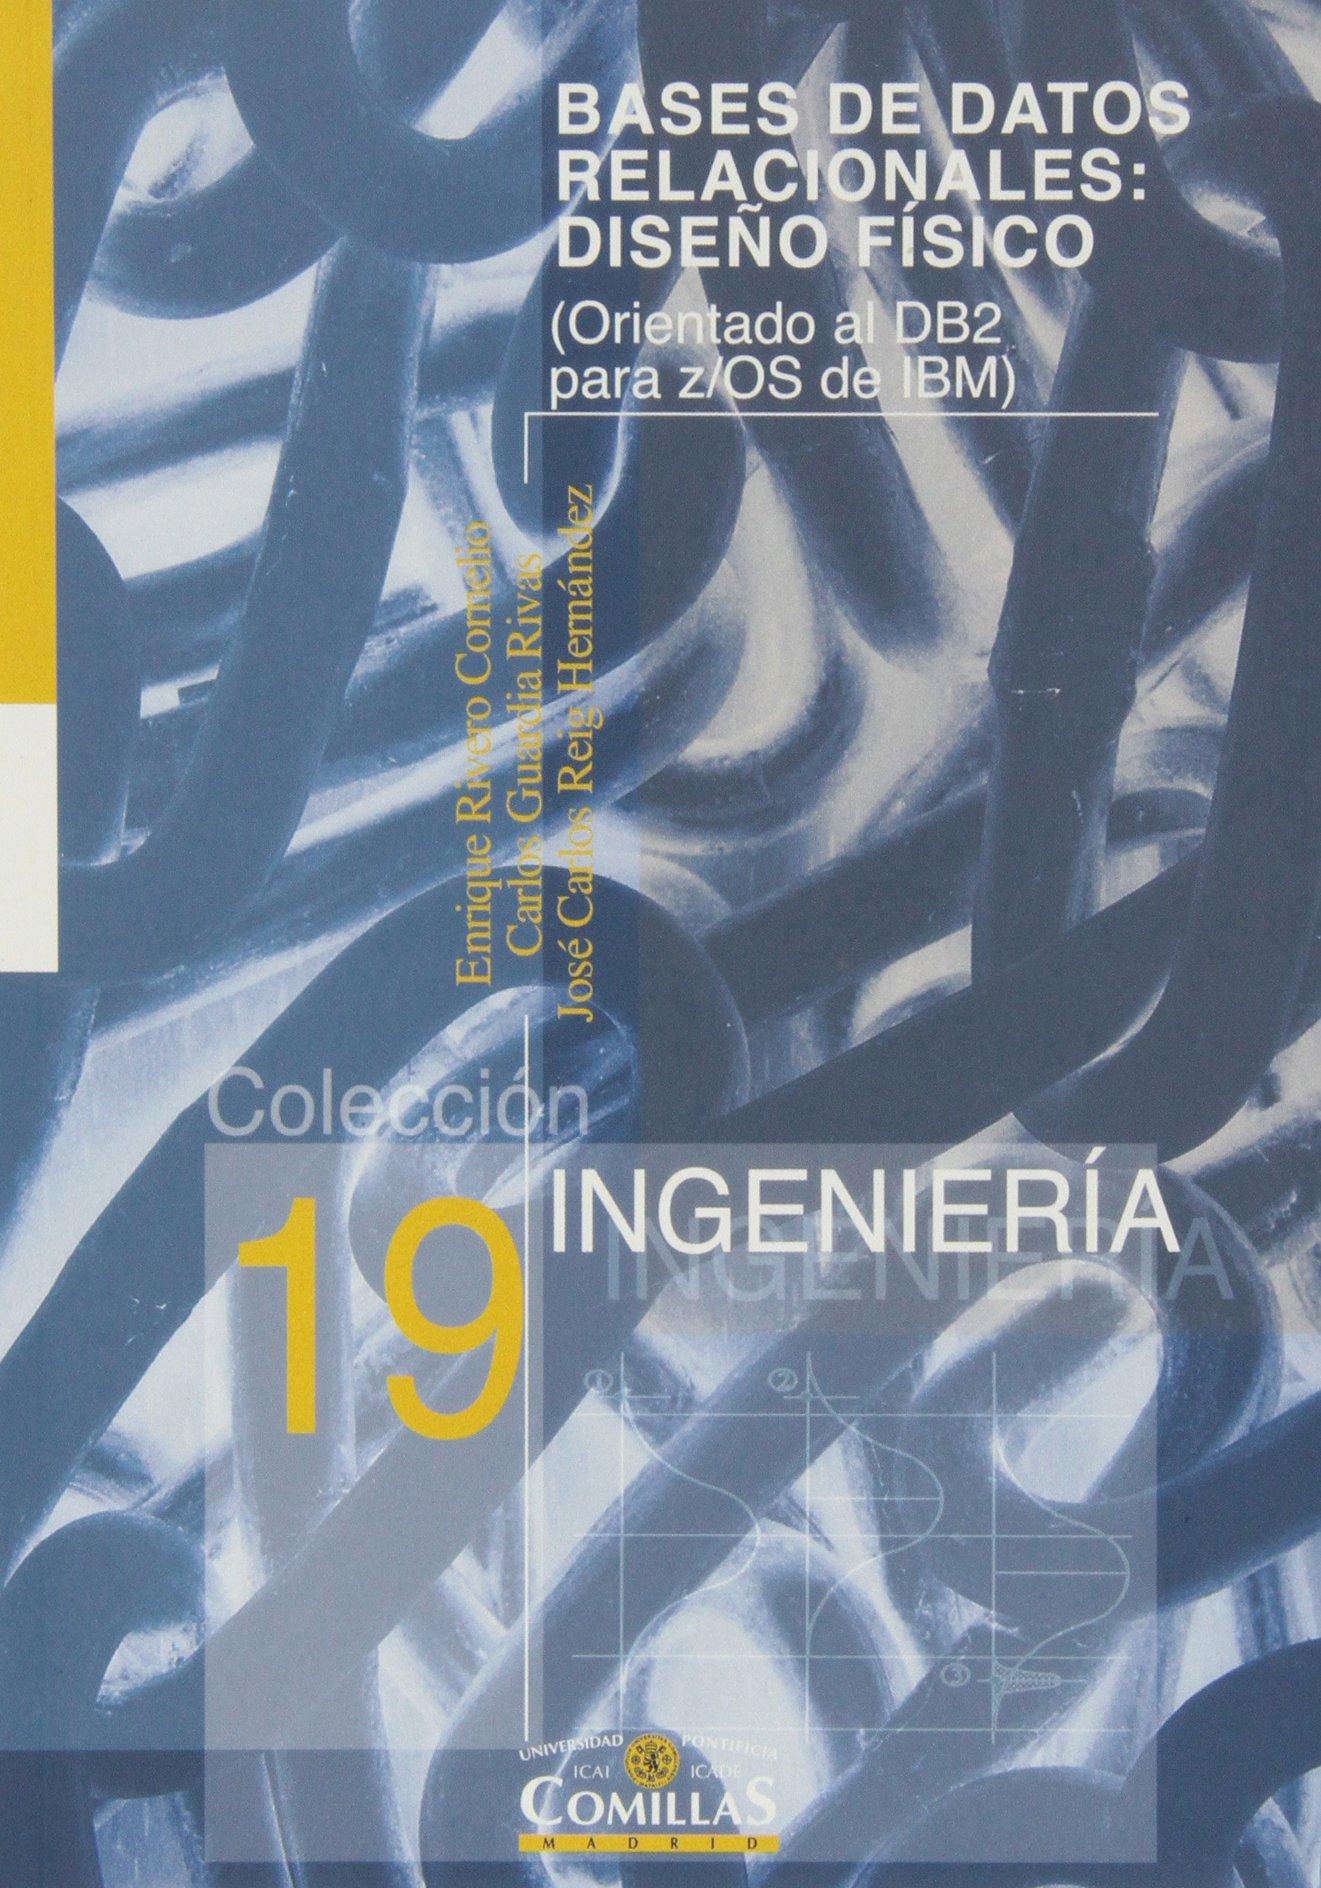 Bases de datos relacionales: diseño físico: Orientada al DB2 para z/OS de IBM) (Ingeniería) Tapa blanda – 16 nov 2004 Enrique Rivero Carlos Guardia José Carlos Reig 8484681386